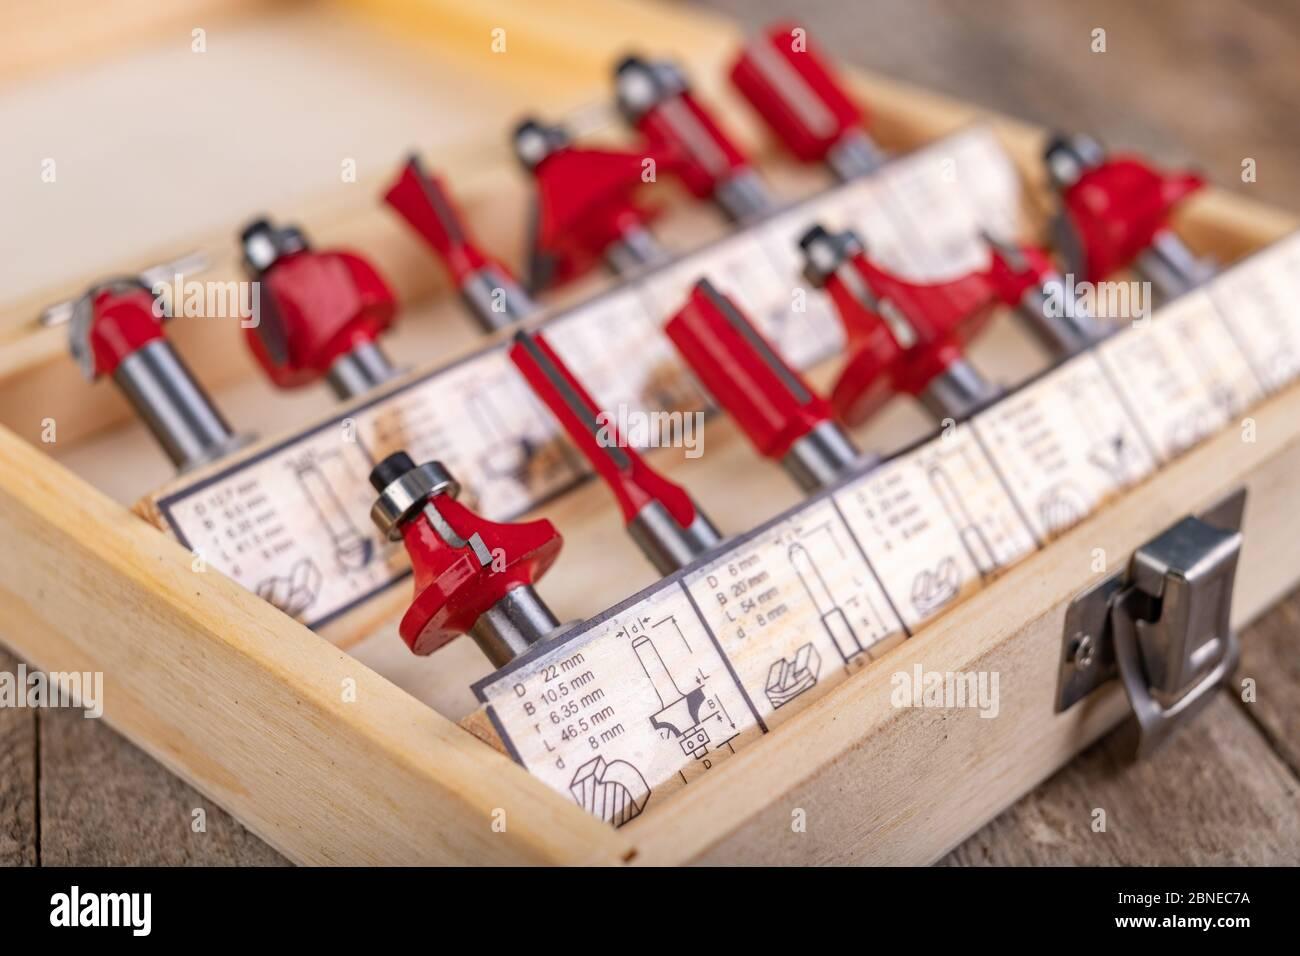 Zimmerei Schneider in einer Holzkiste angeordnet. Holzbearbeitung Zubehör in einer Tischlerei. Heller Hintergrund. Stockfoto